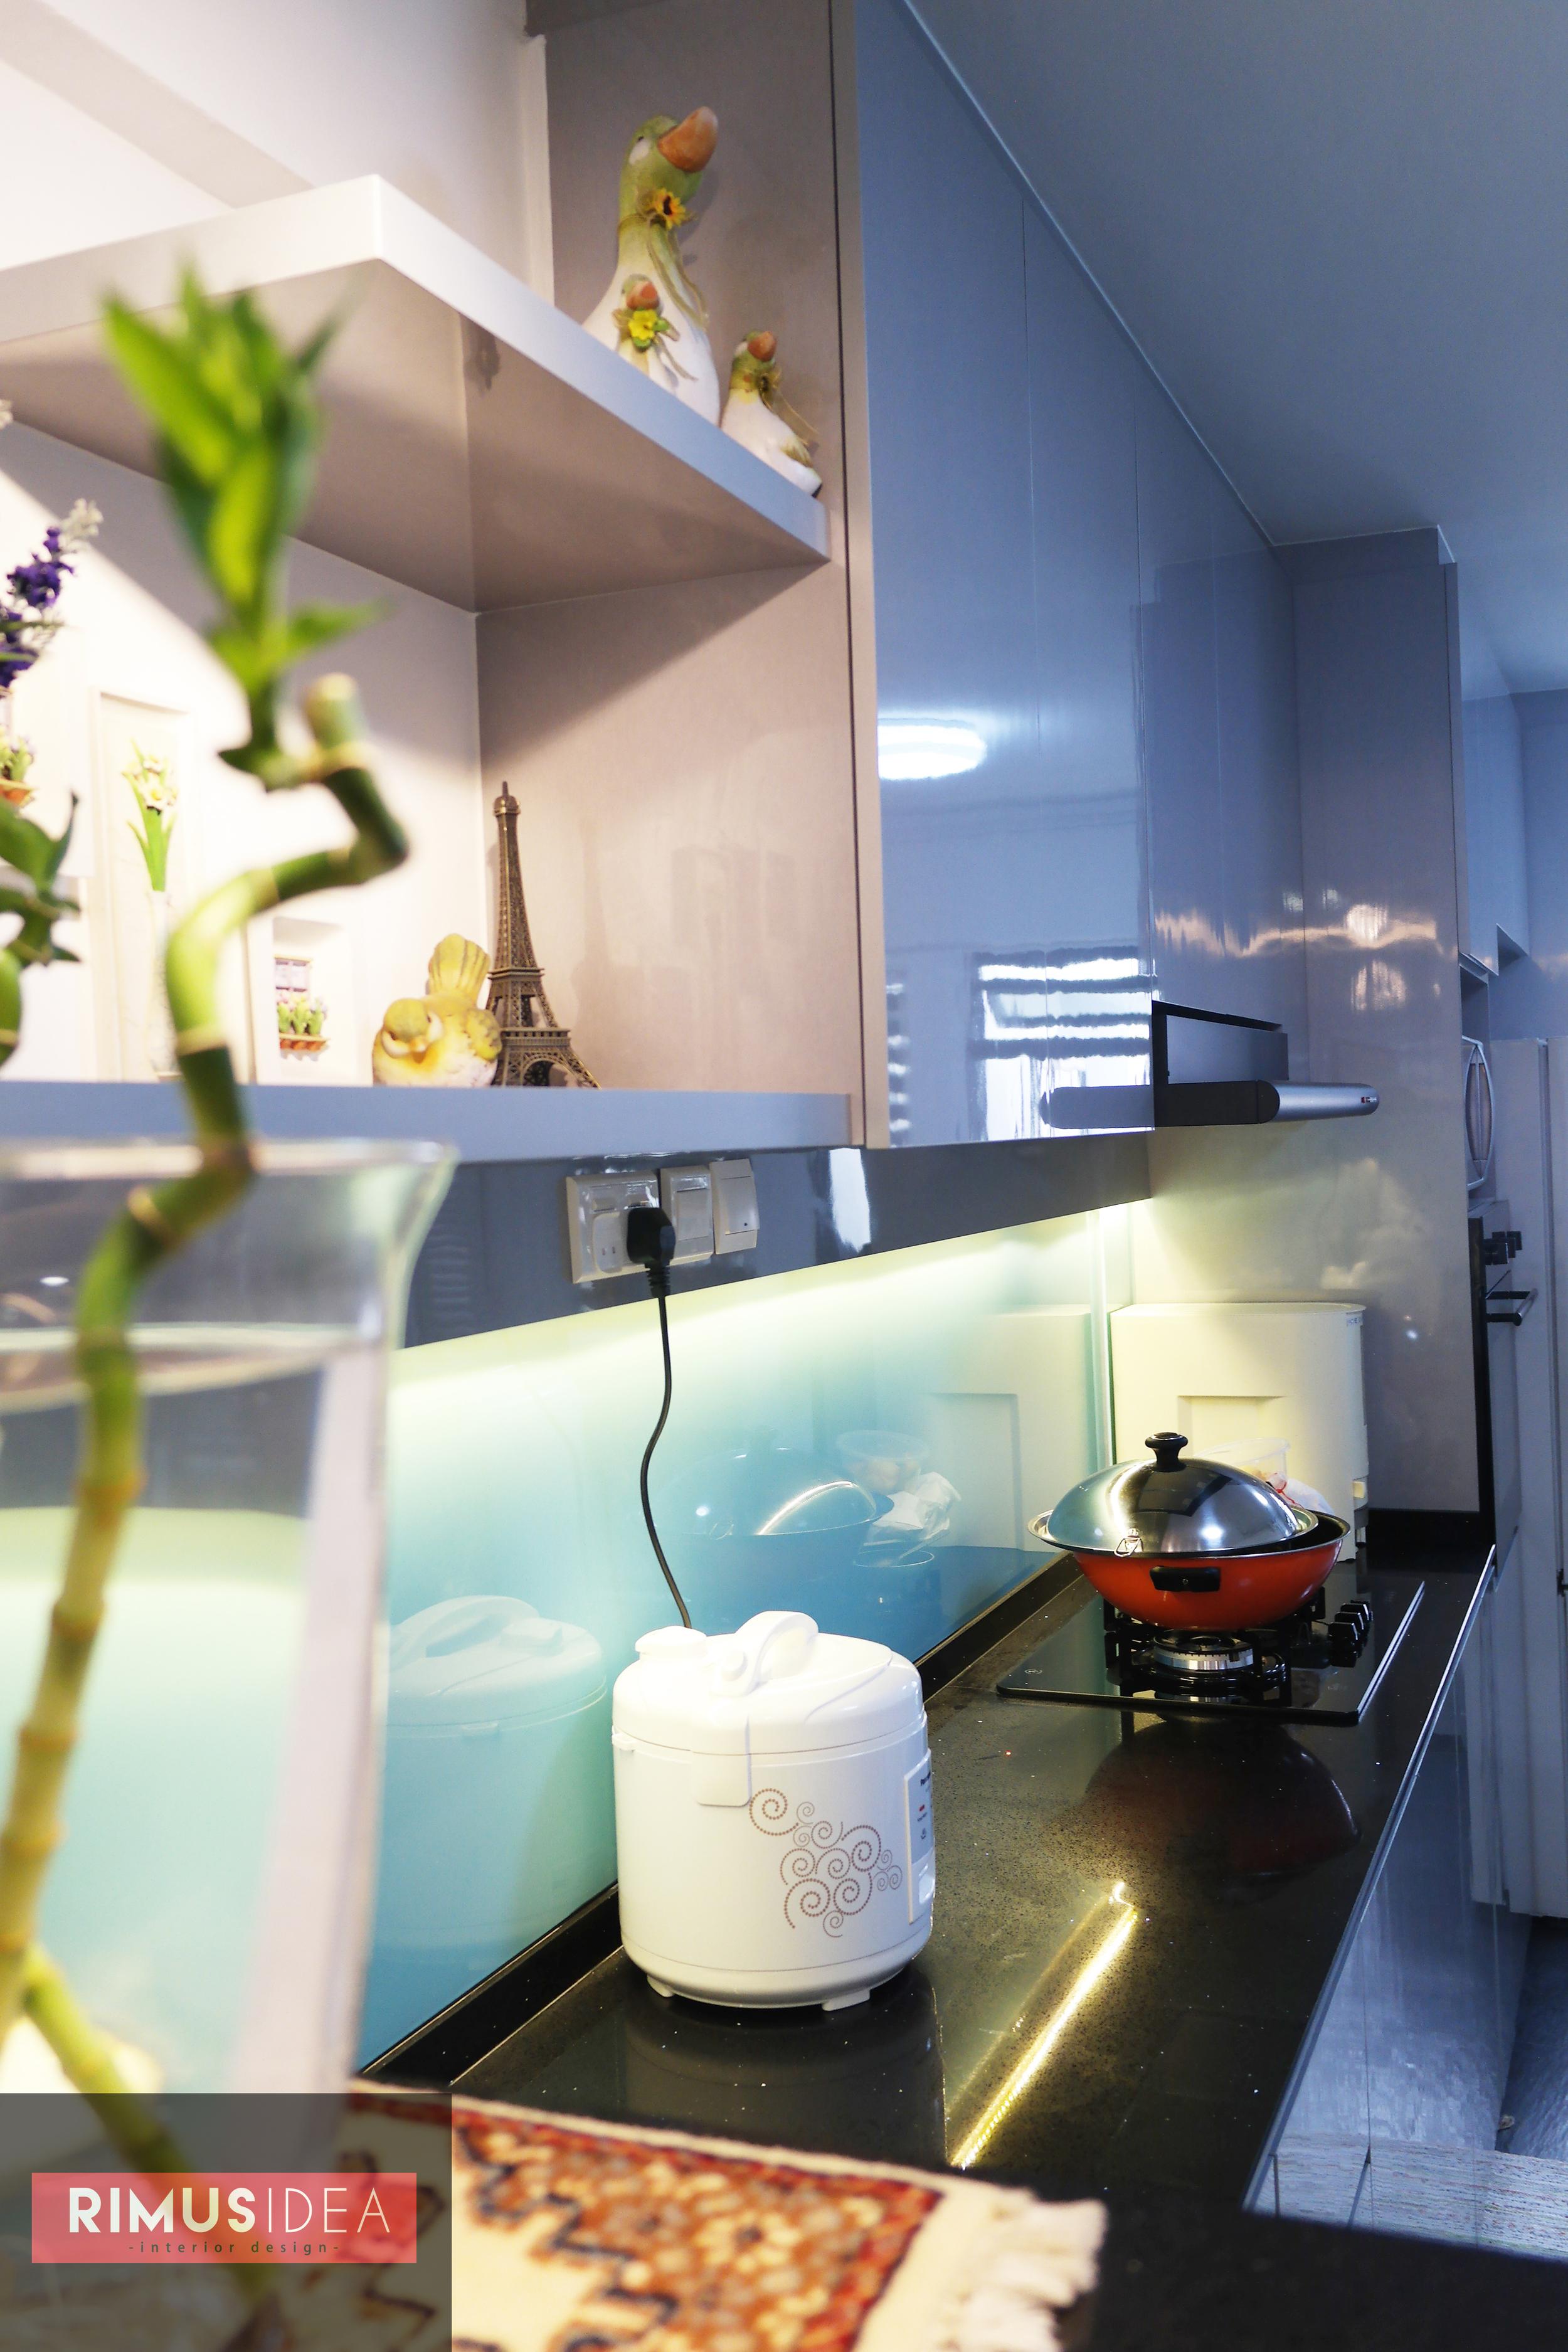 4NG resale flat